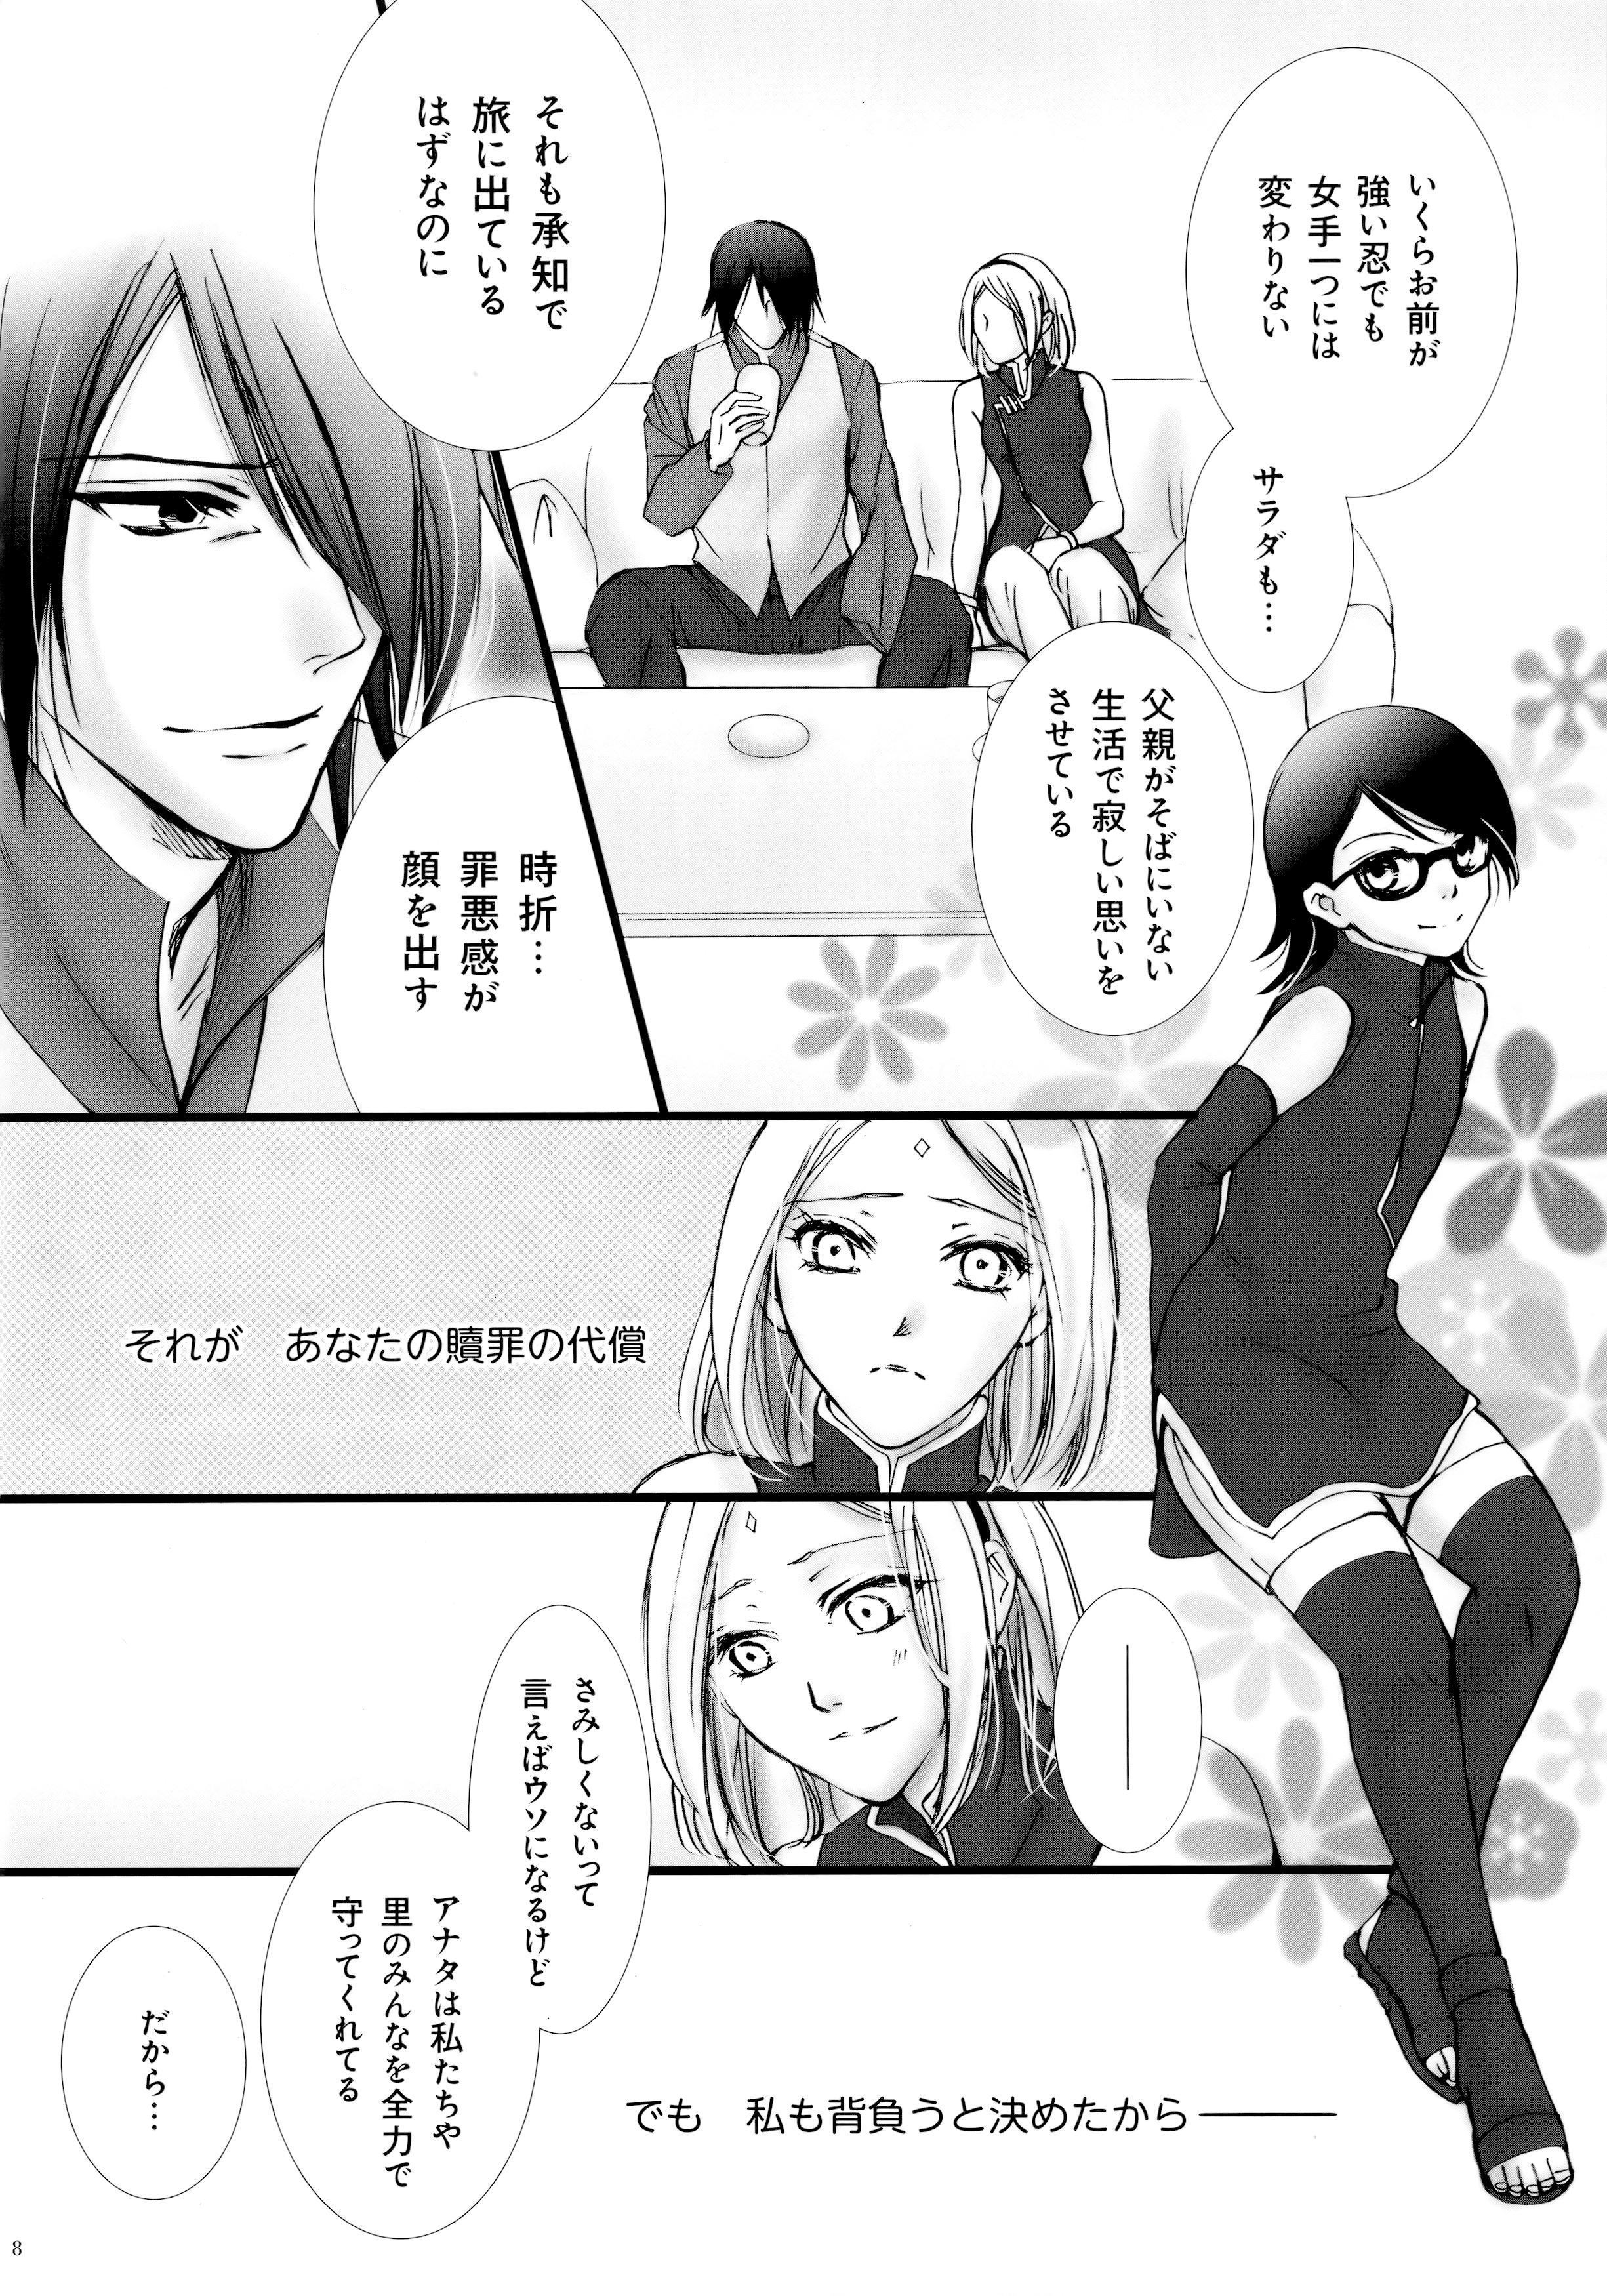 Himitsu no Jikan 6